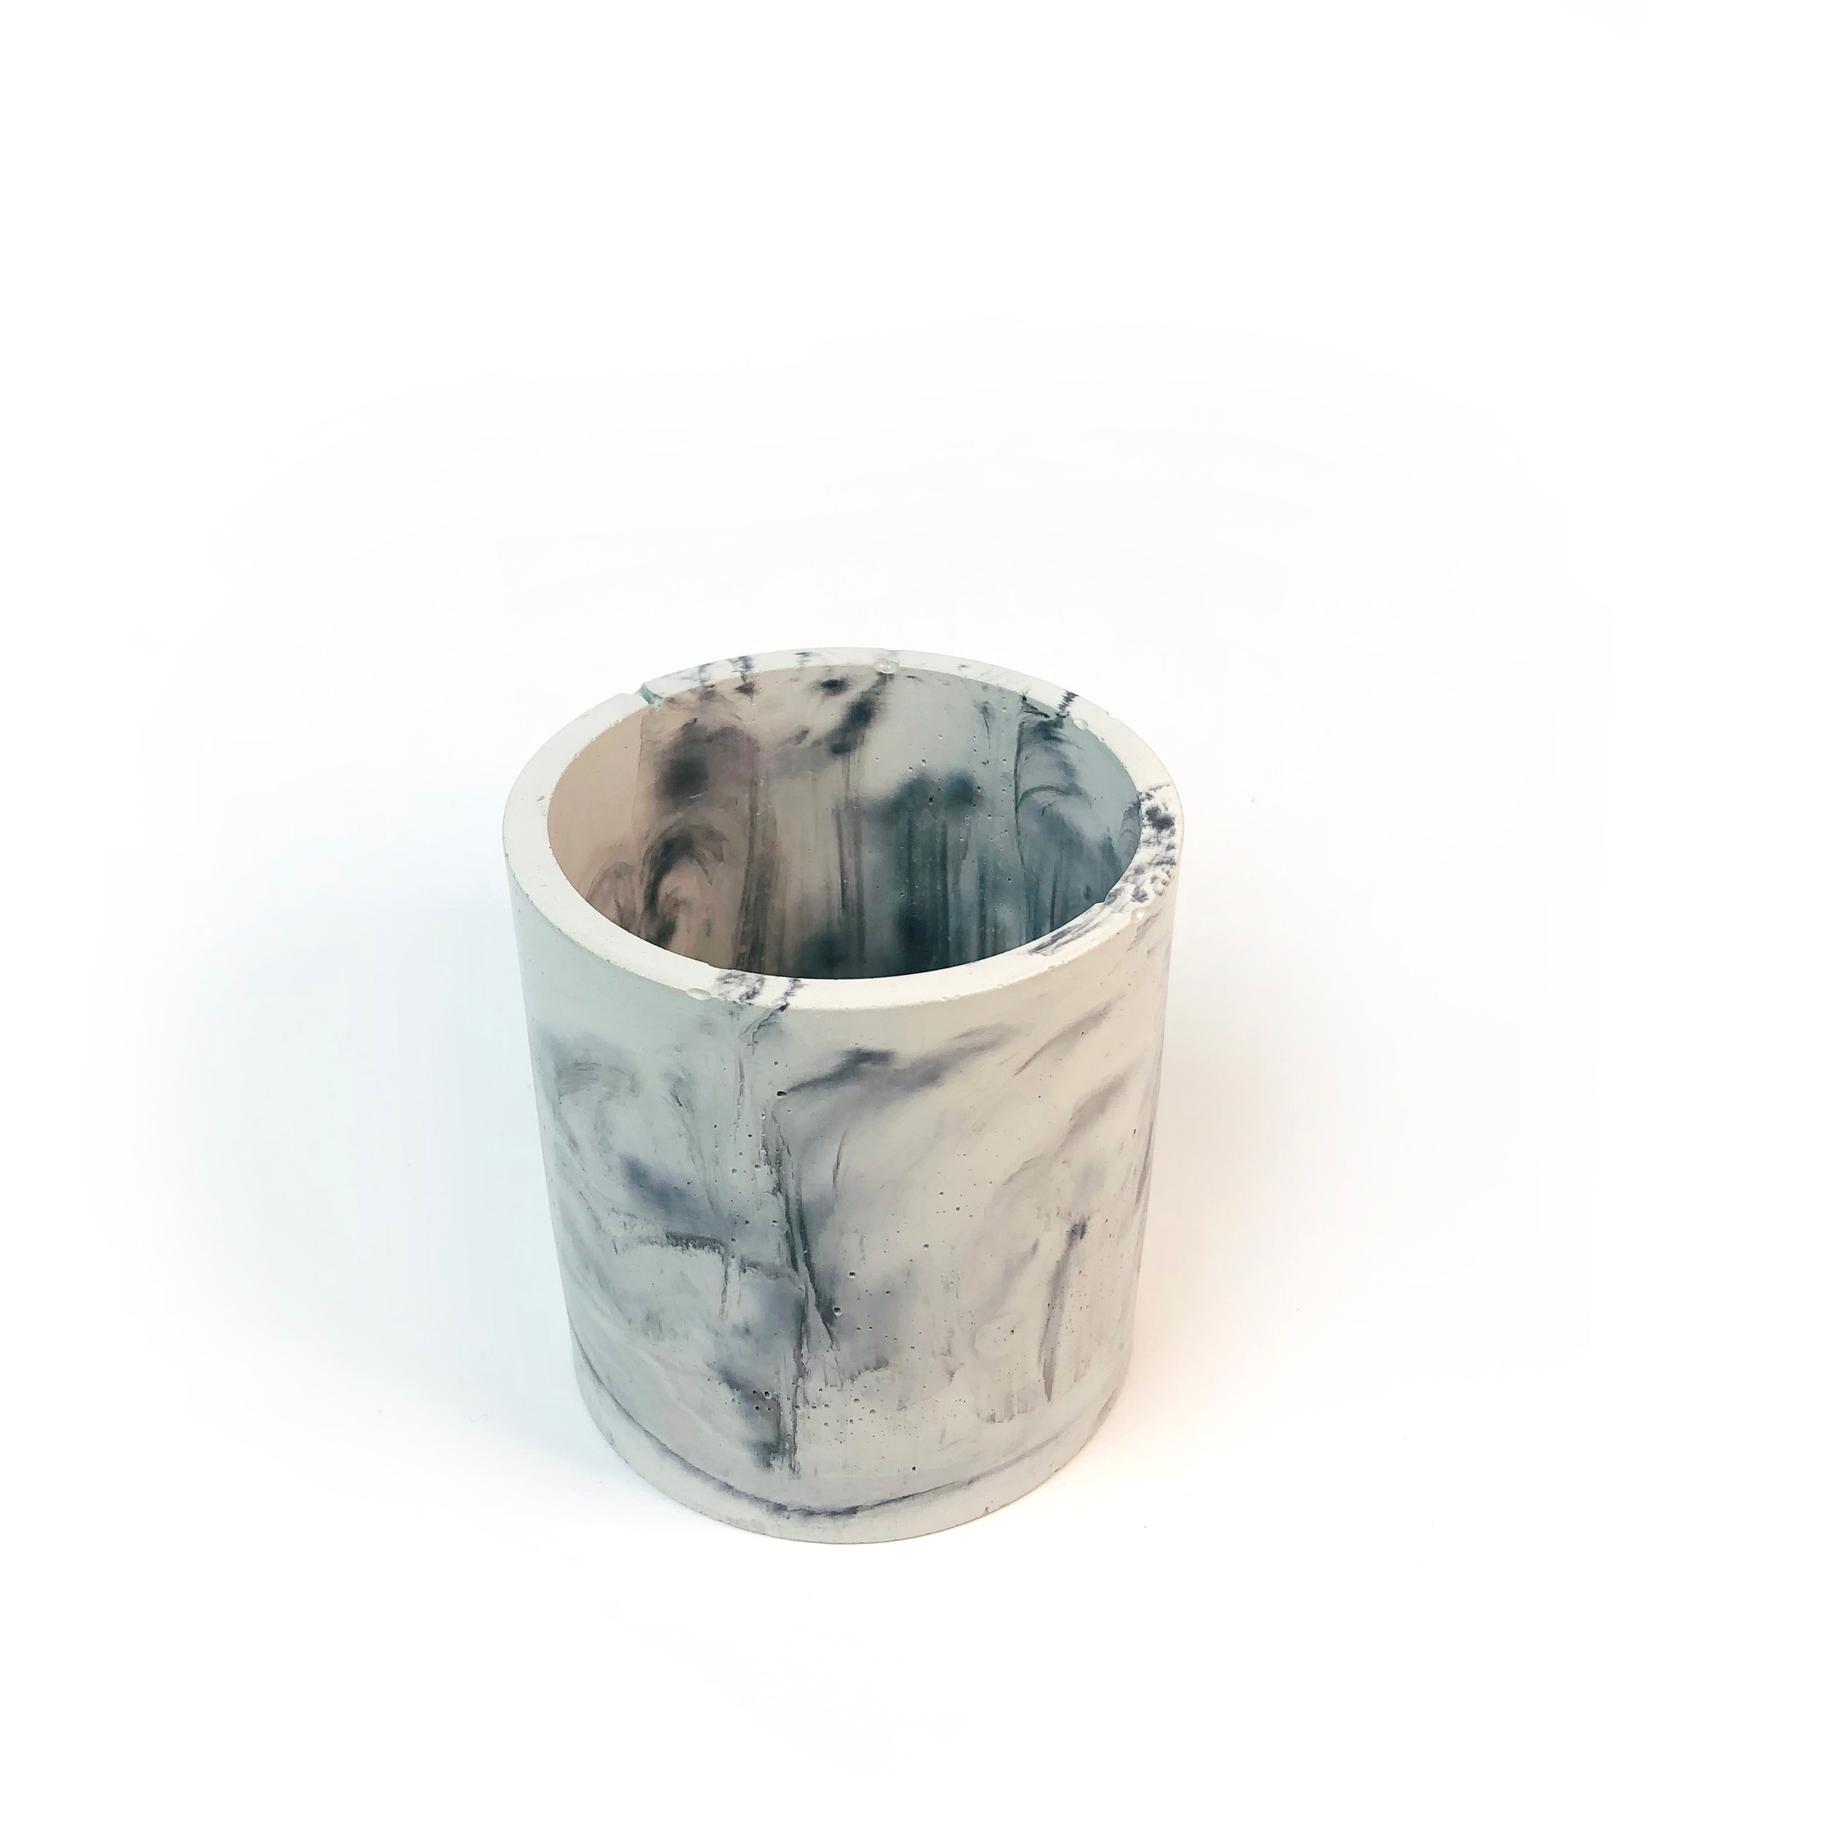 Round Concrete Planter + Vessel